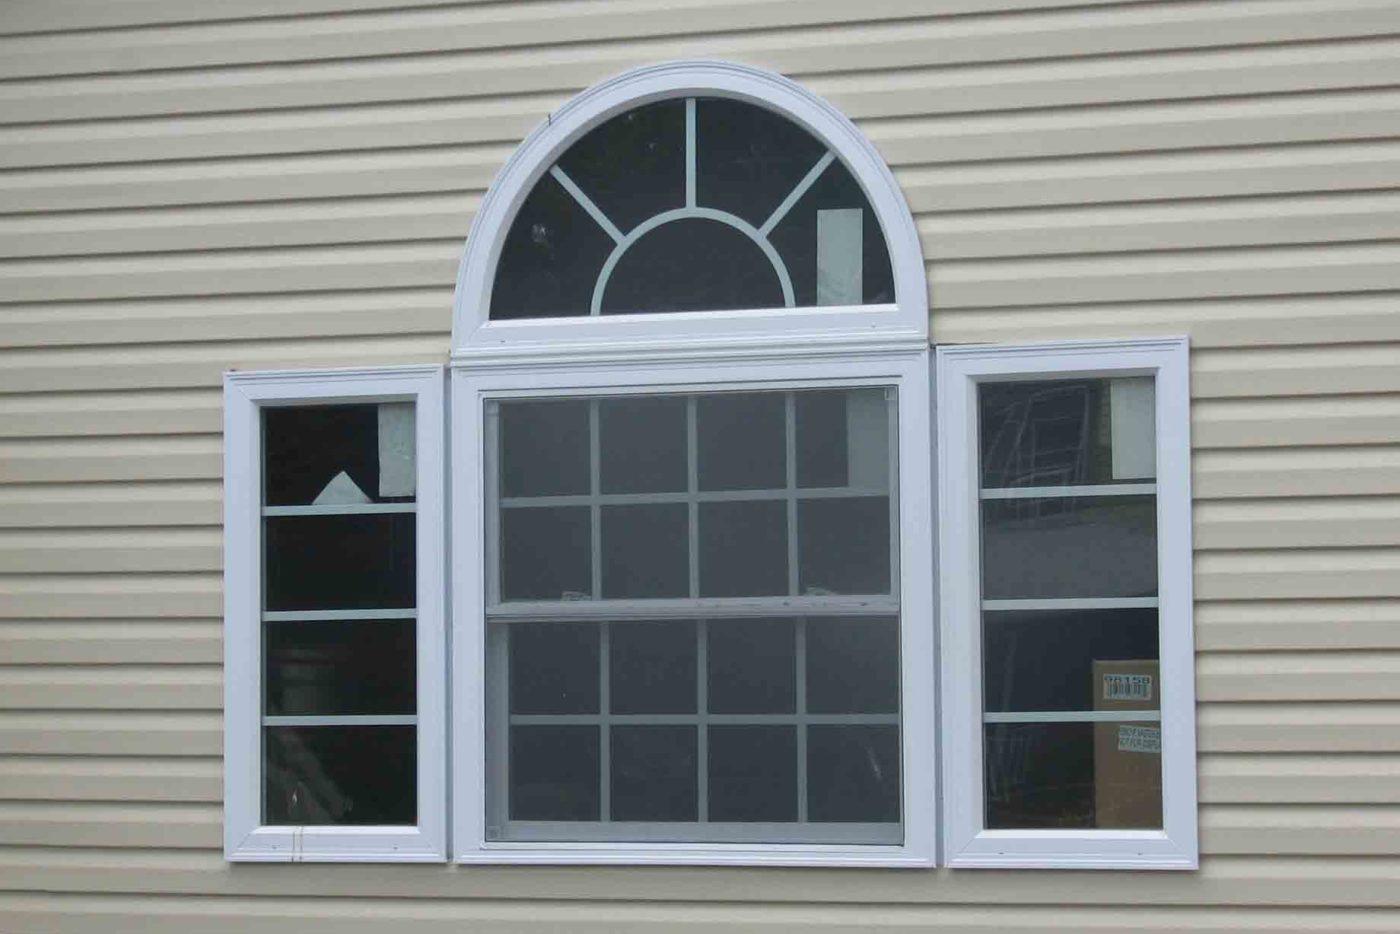 half moon window detached garage builder